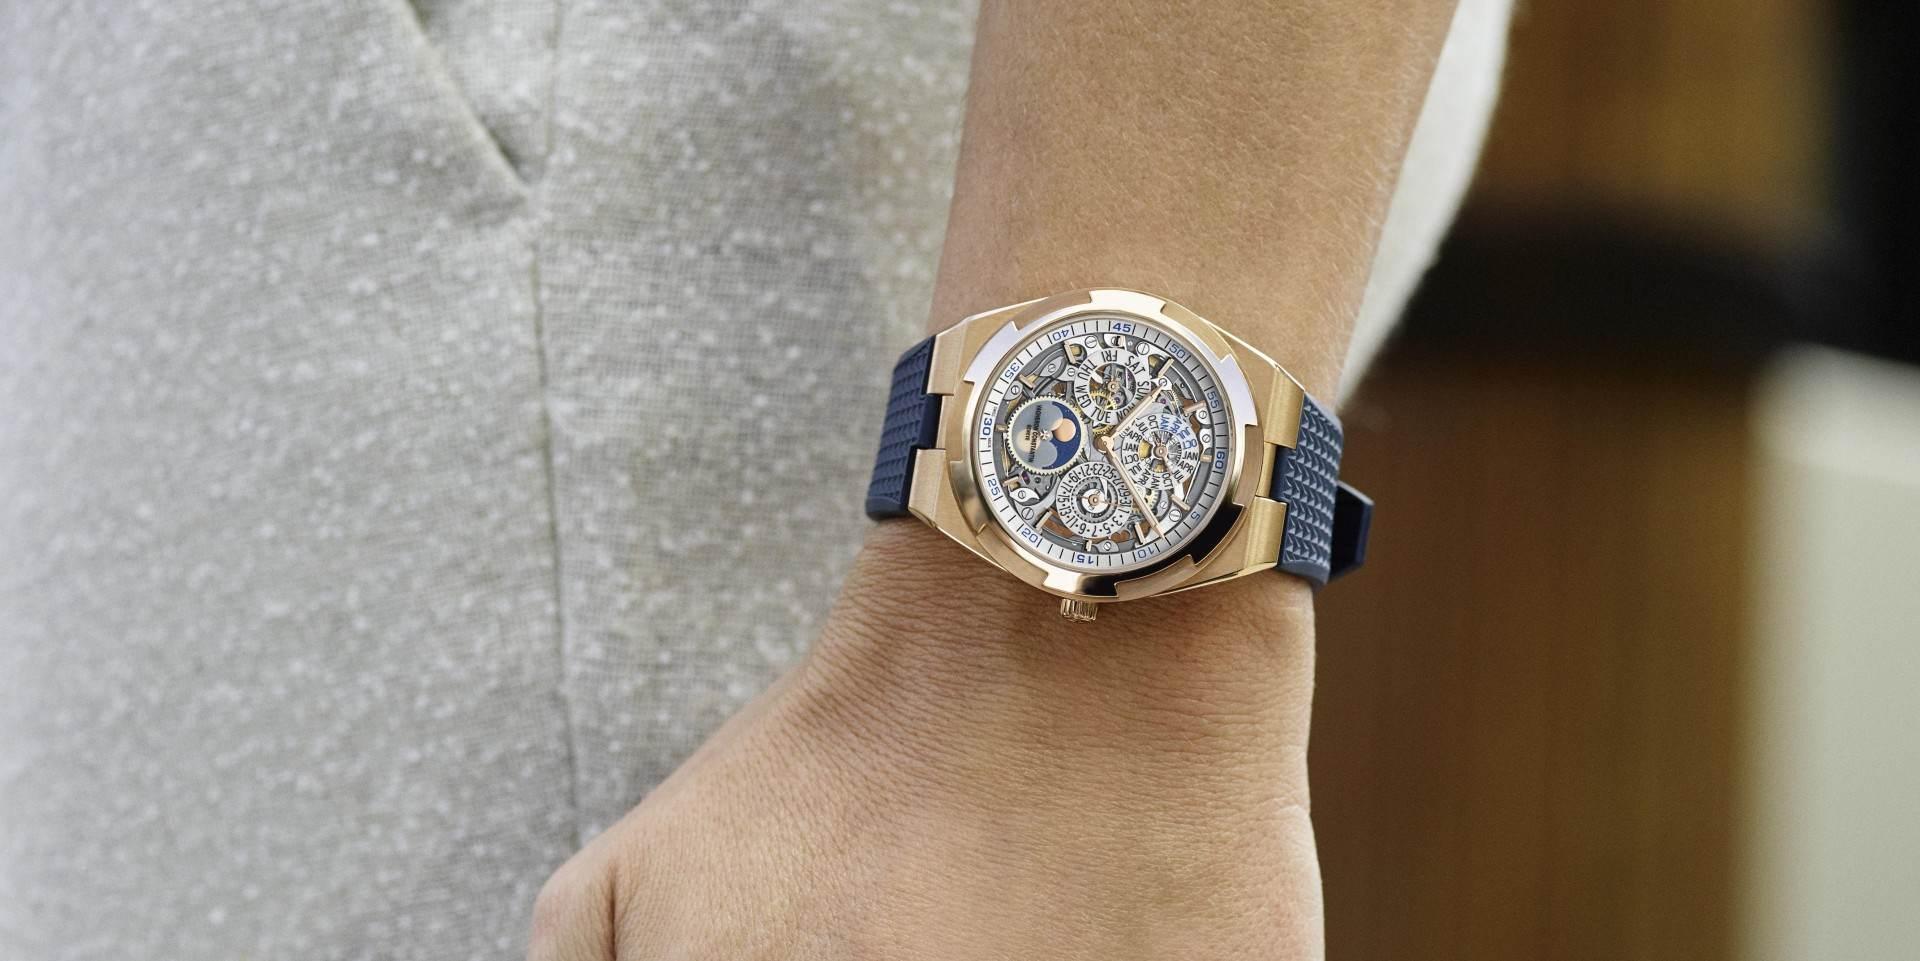 江詩丹頓Overseas鏤雕超薄萬年曆腕錶榮獲2020年日內瓦高級鐘錶大賞之最佳日曆與天文錶奬